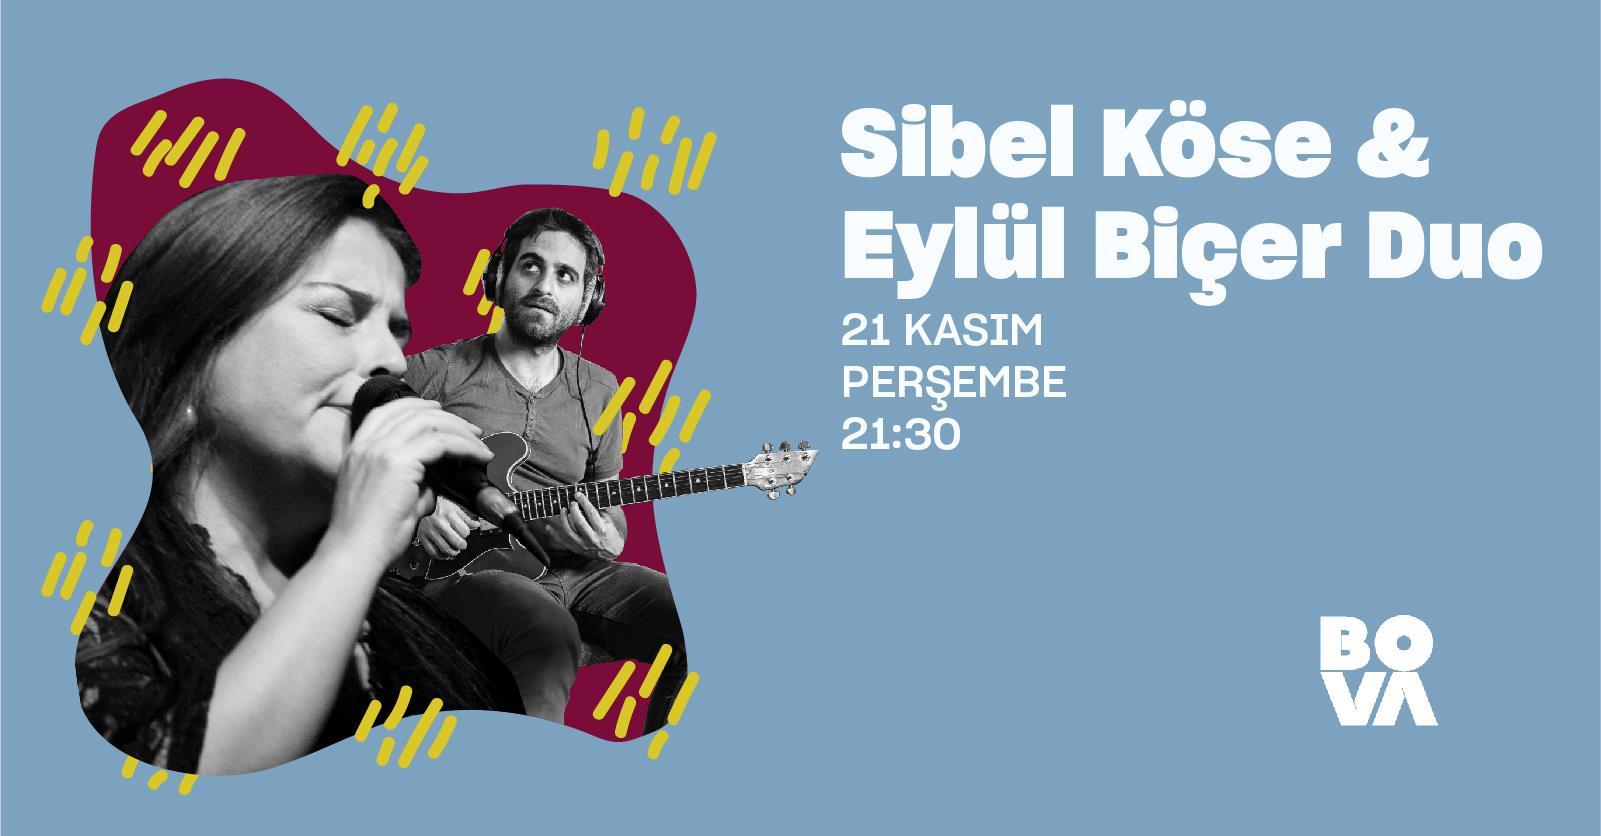 Sibel Köse & Eylül Biçer Duo